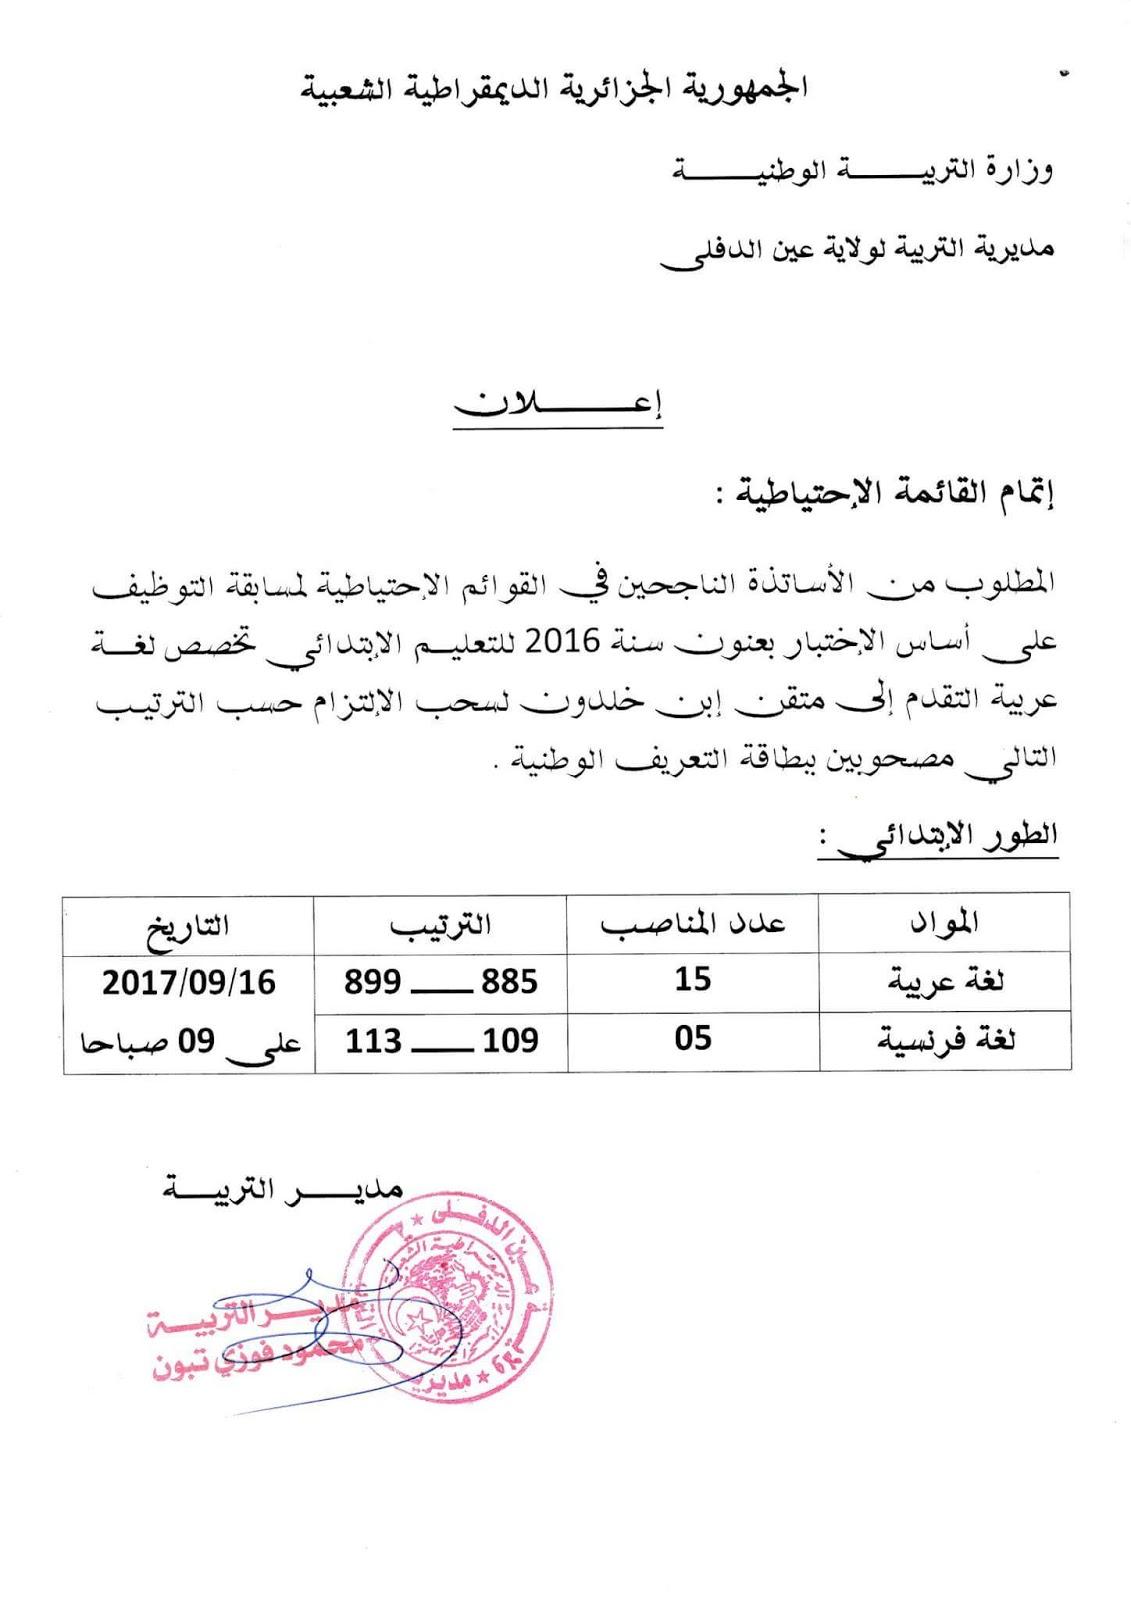 استدعاء اساتذة من قائمة احتياط الطور الابتدائي 2016 ولاية عين الدفلى